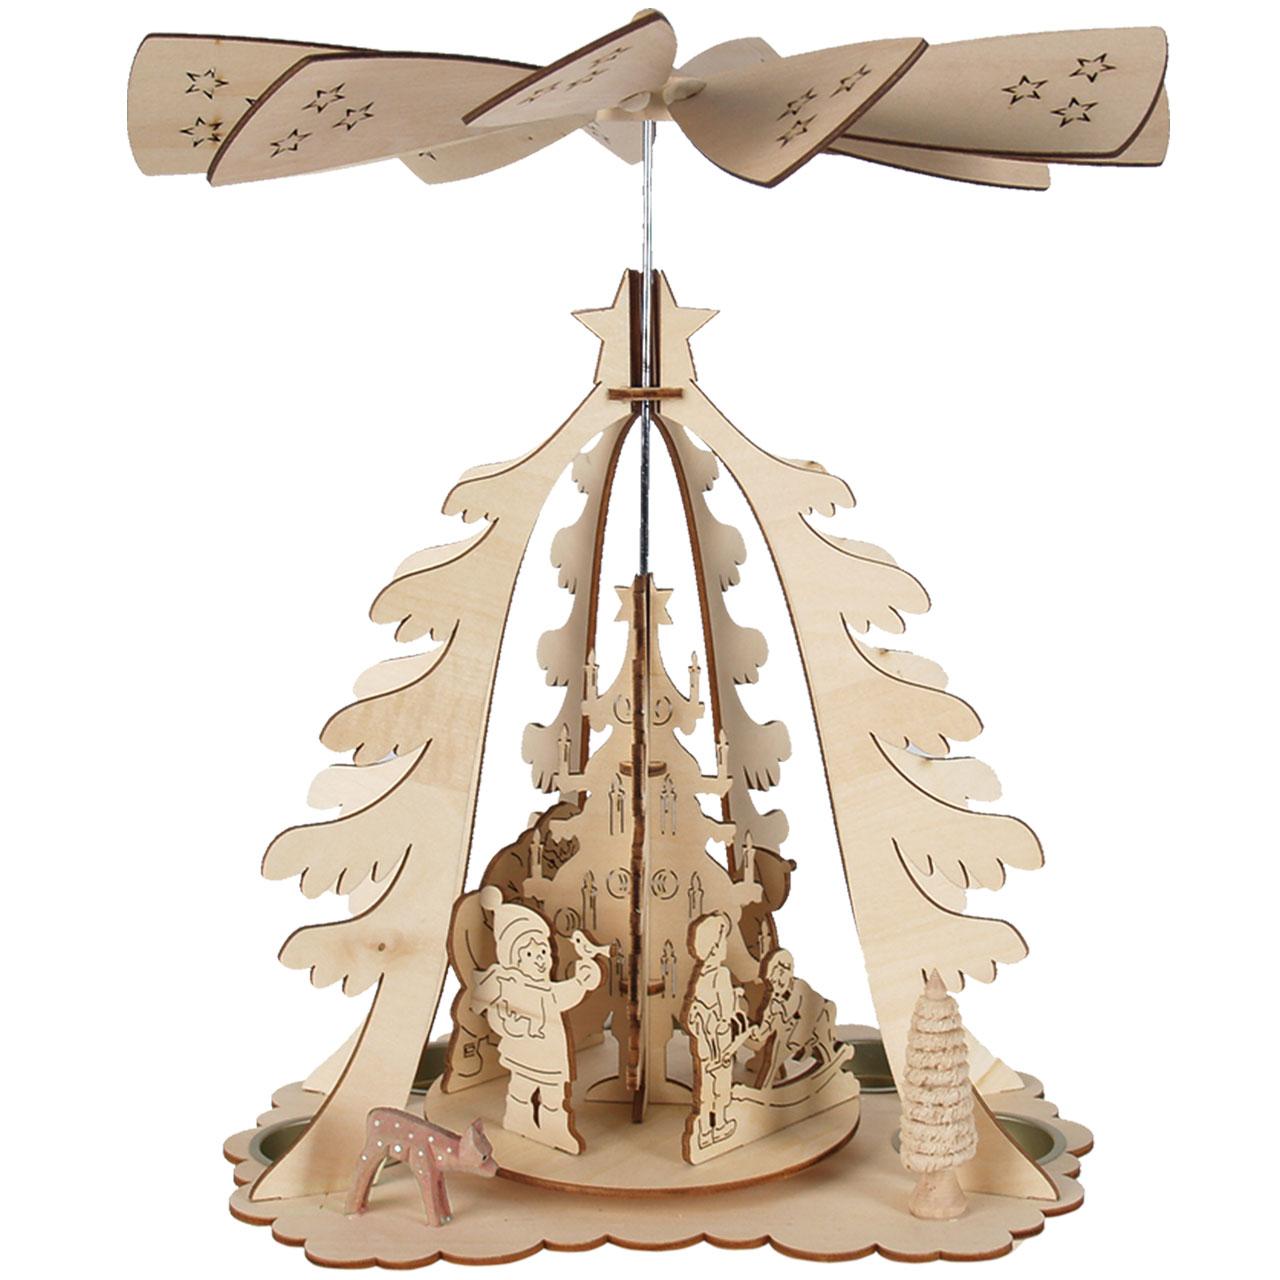 weihnachts pyramide in tannenform mit teelichthaltern. Black Bedroom Furniture Sets. Home Design Ideas